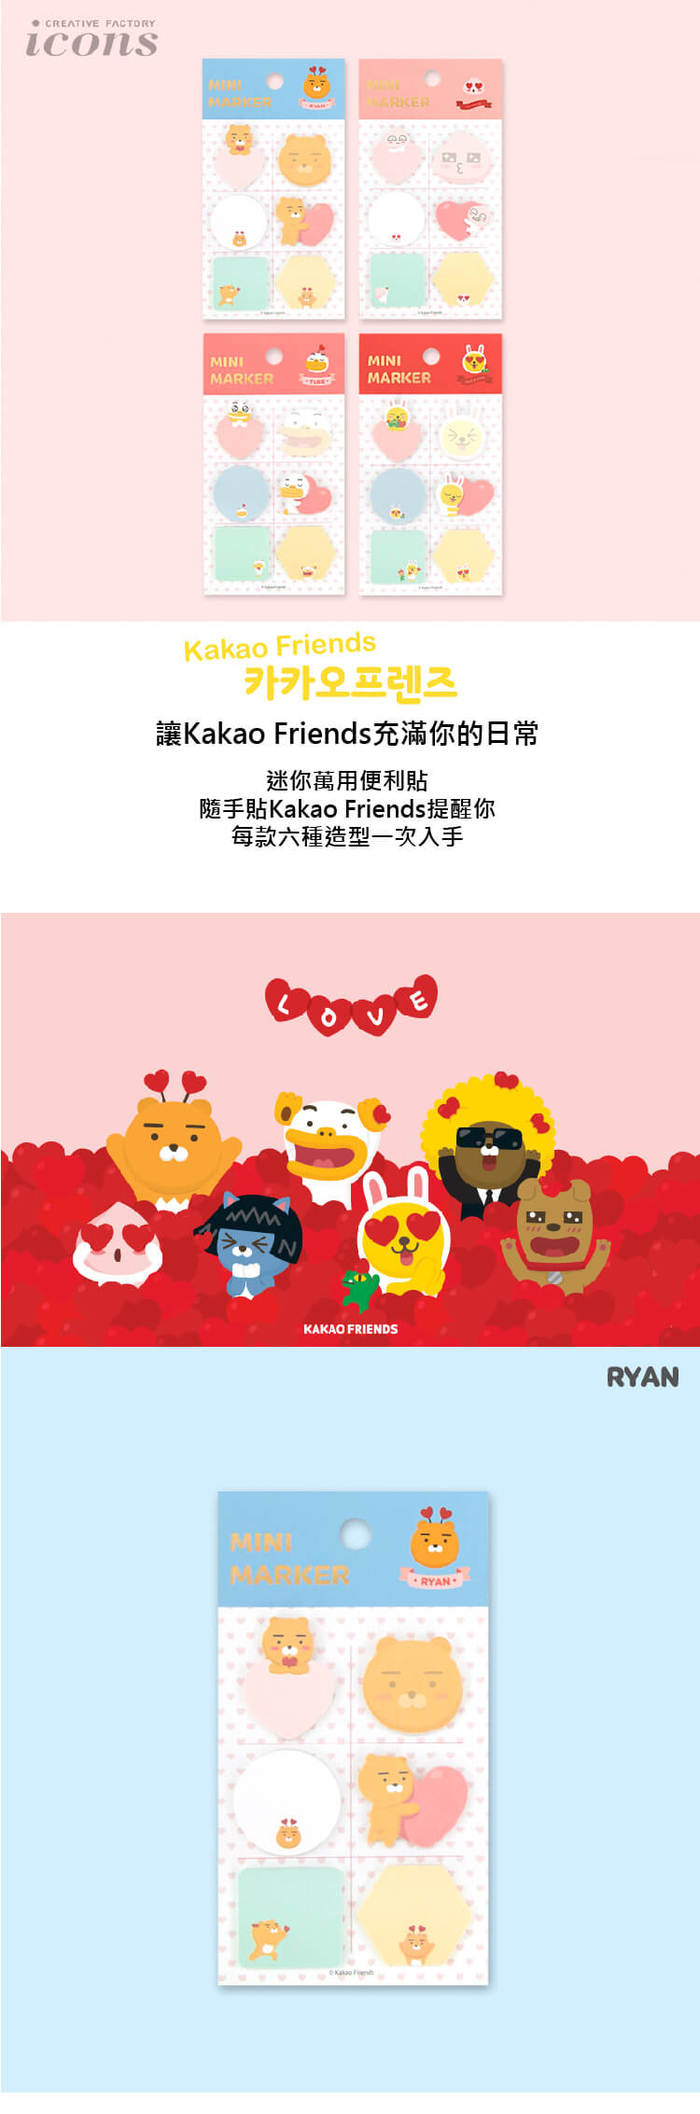 Kakao Friends|迷你萬用便條貼 APEACH